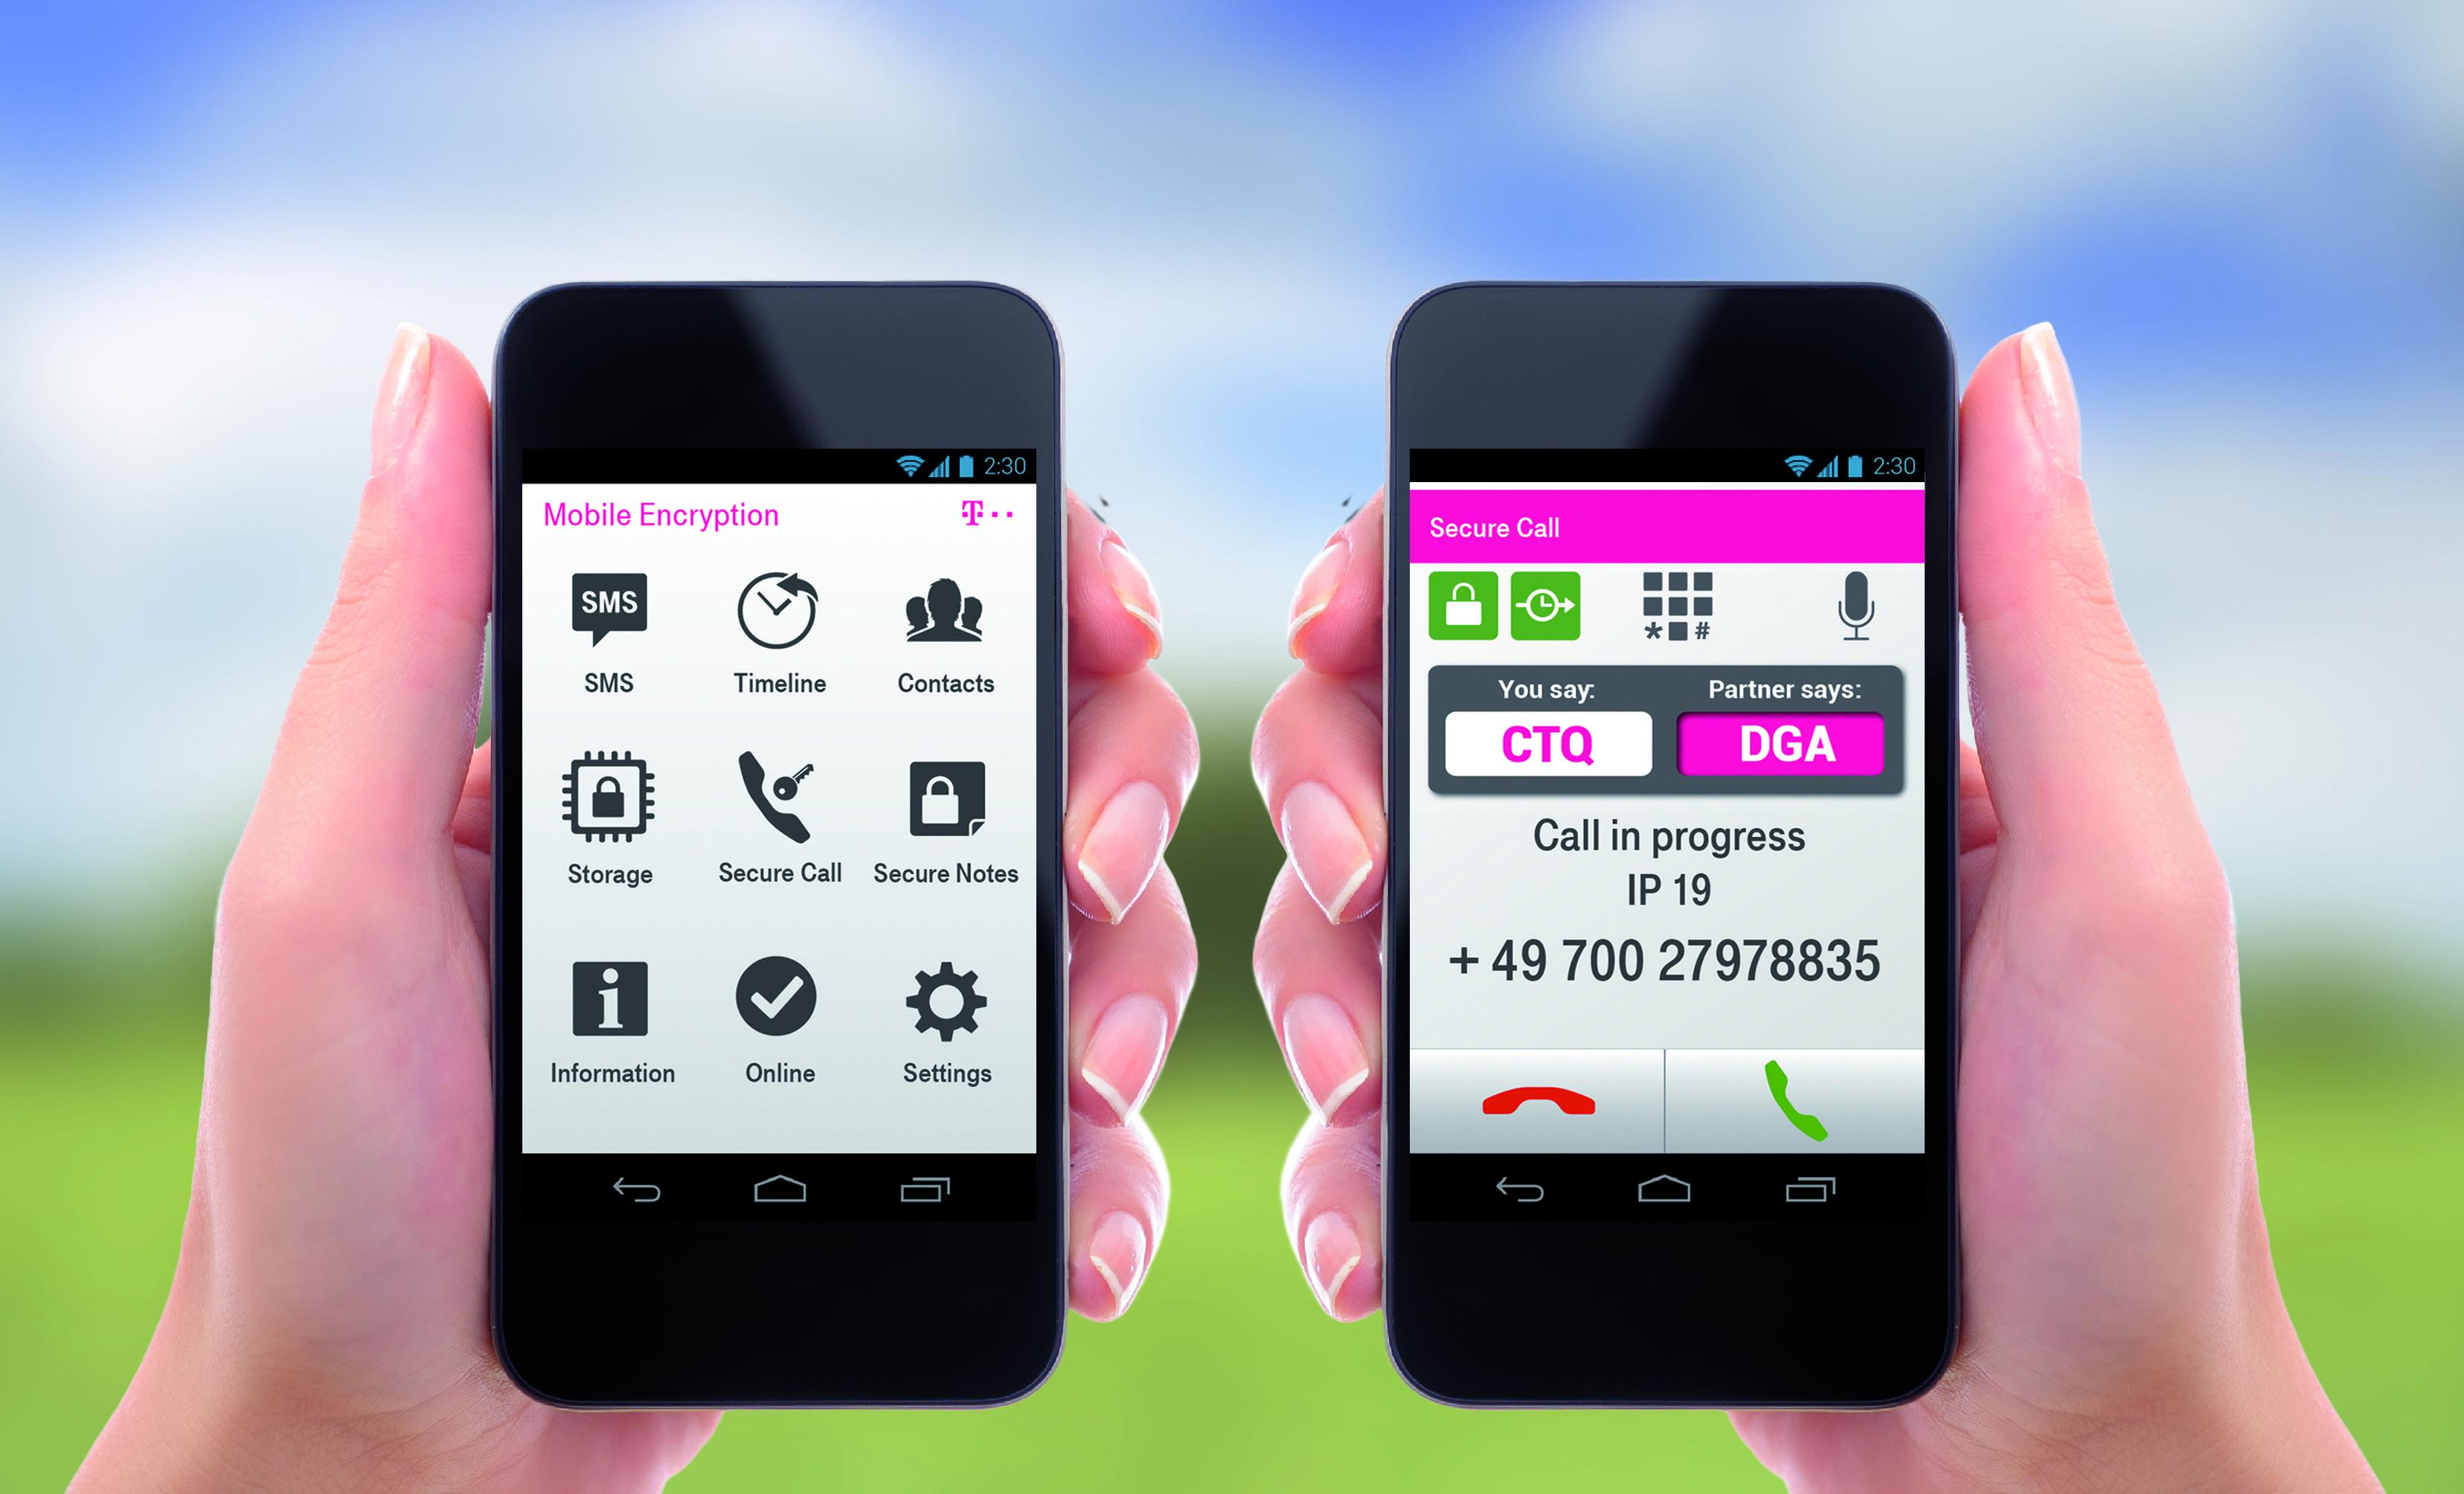 Die Mobile Encryption App der Telekom soll in jedem Telefonnetz funktionieren und sogar sichere Telefonkonferenzen zu dritt ermöglichen.